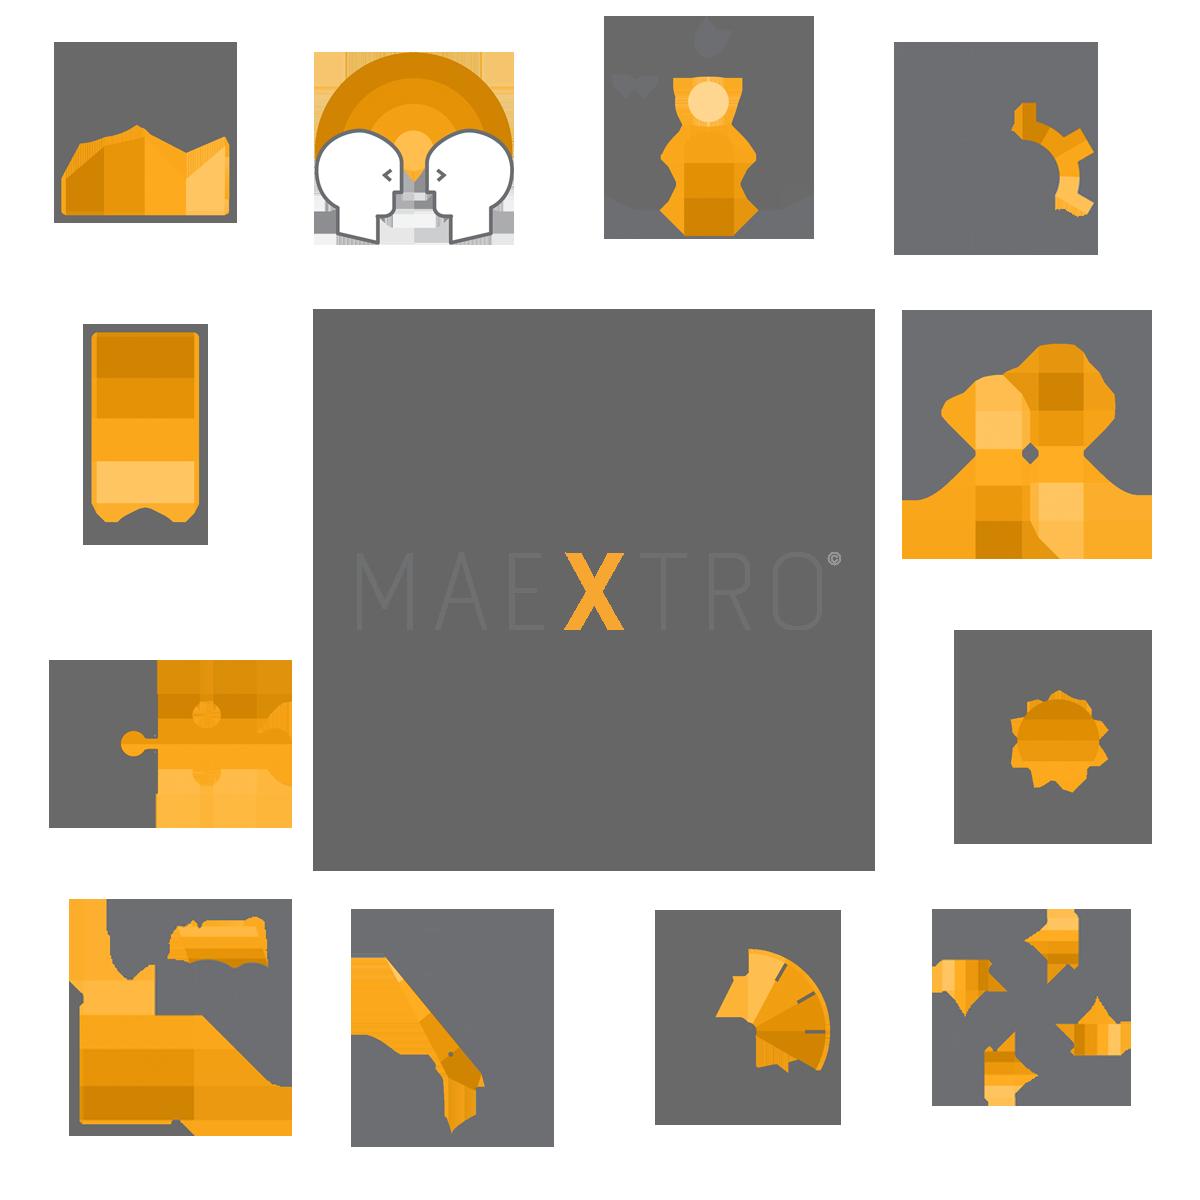 maextro